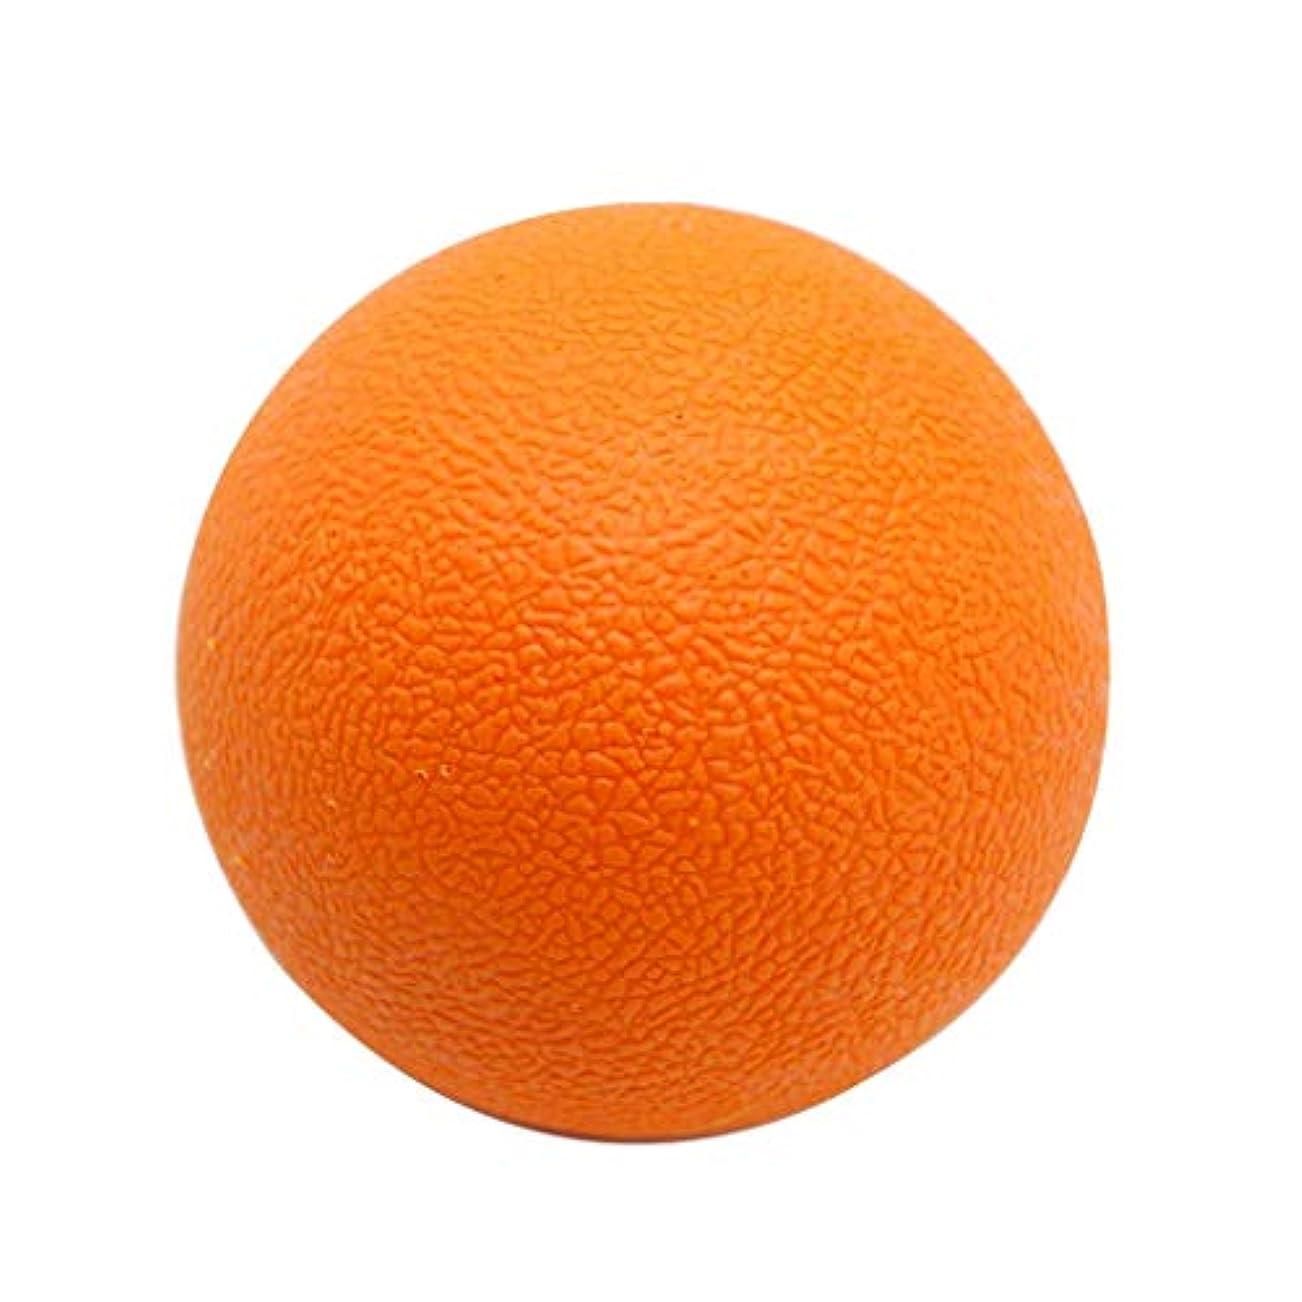 聖歌正統派講師Baoblaze ラクロスボール マッサージボール トリガーポイント 筋膜リリース 背中 首 ツボ押しグッズ オレンジ